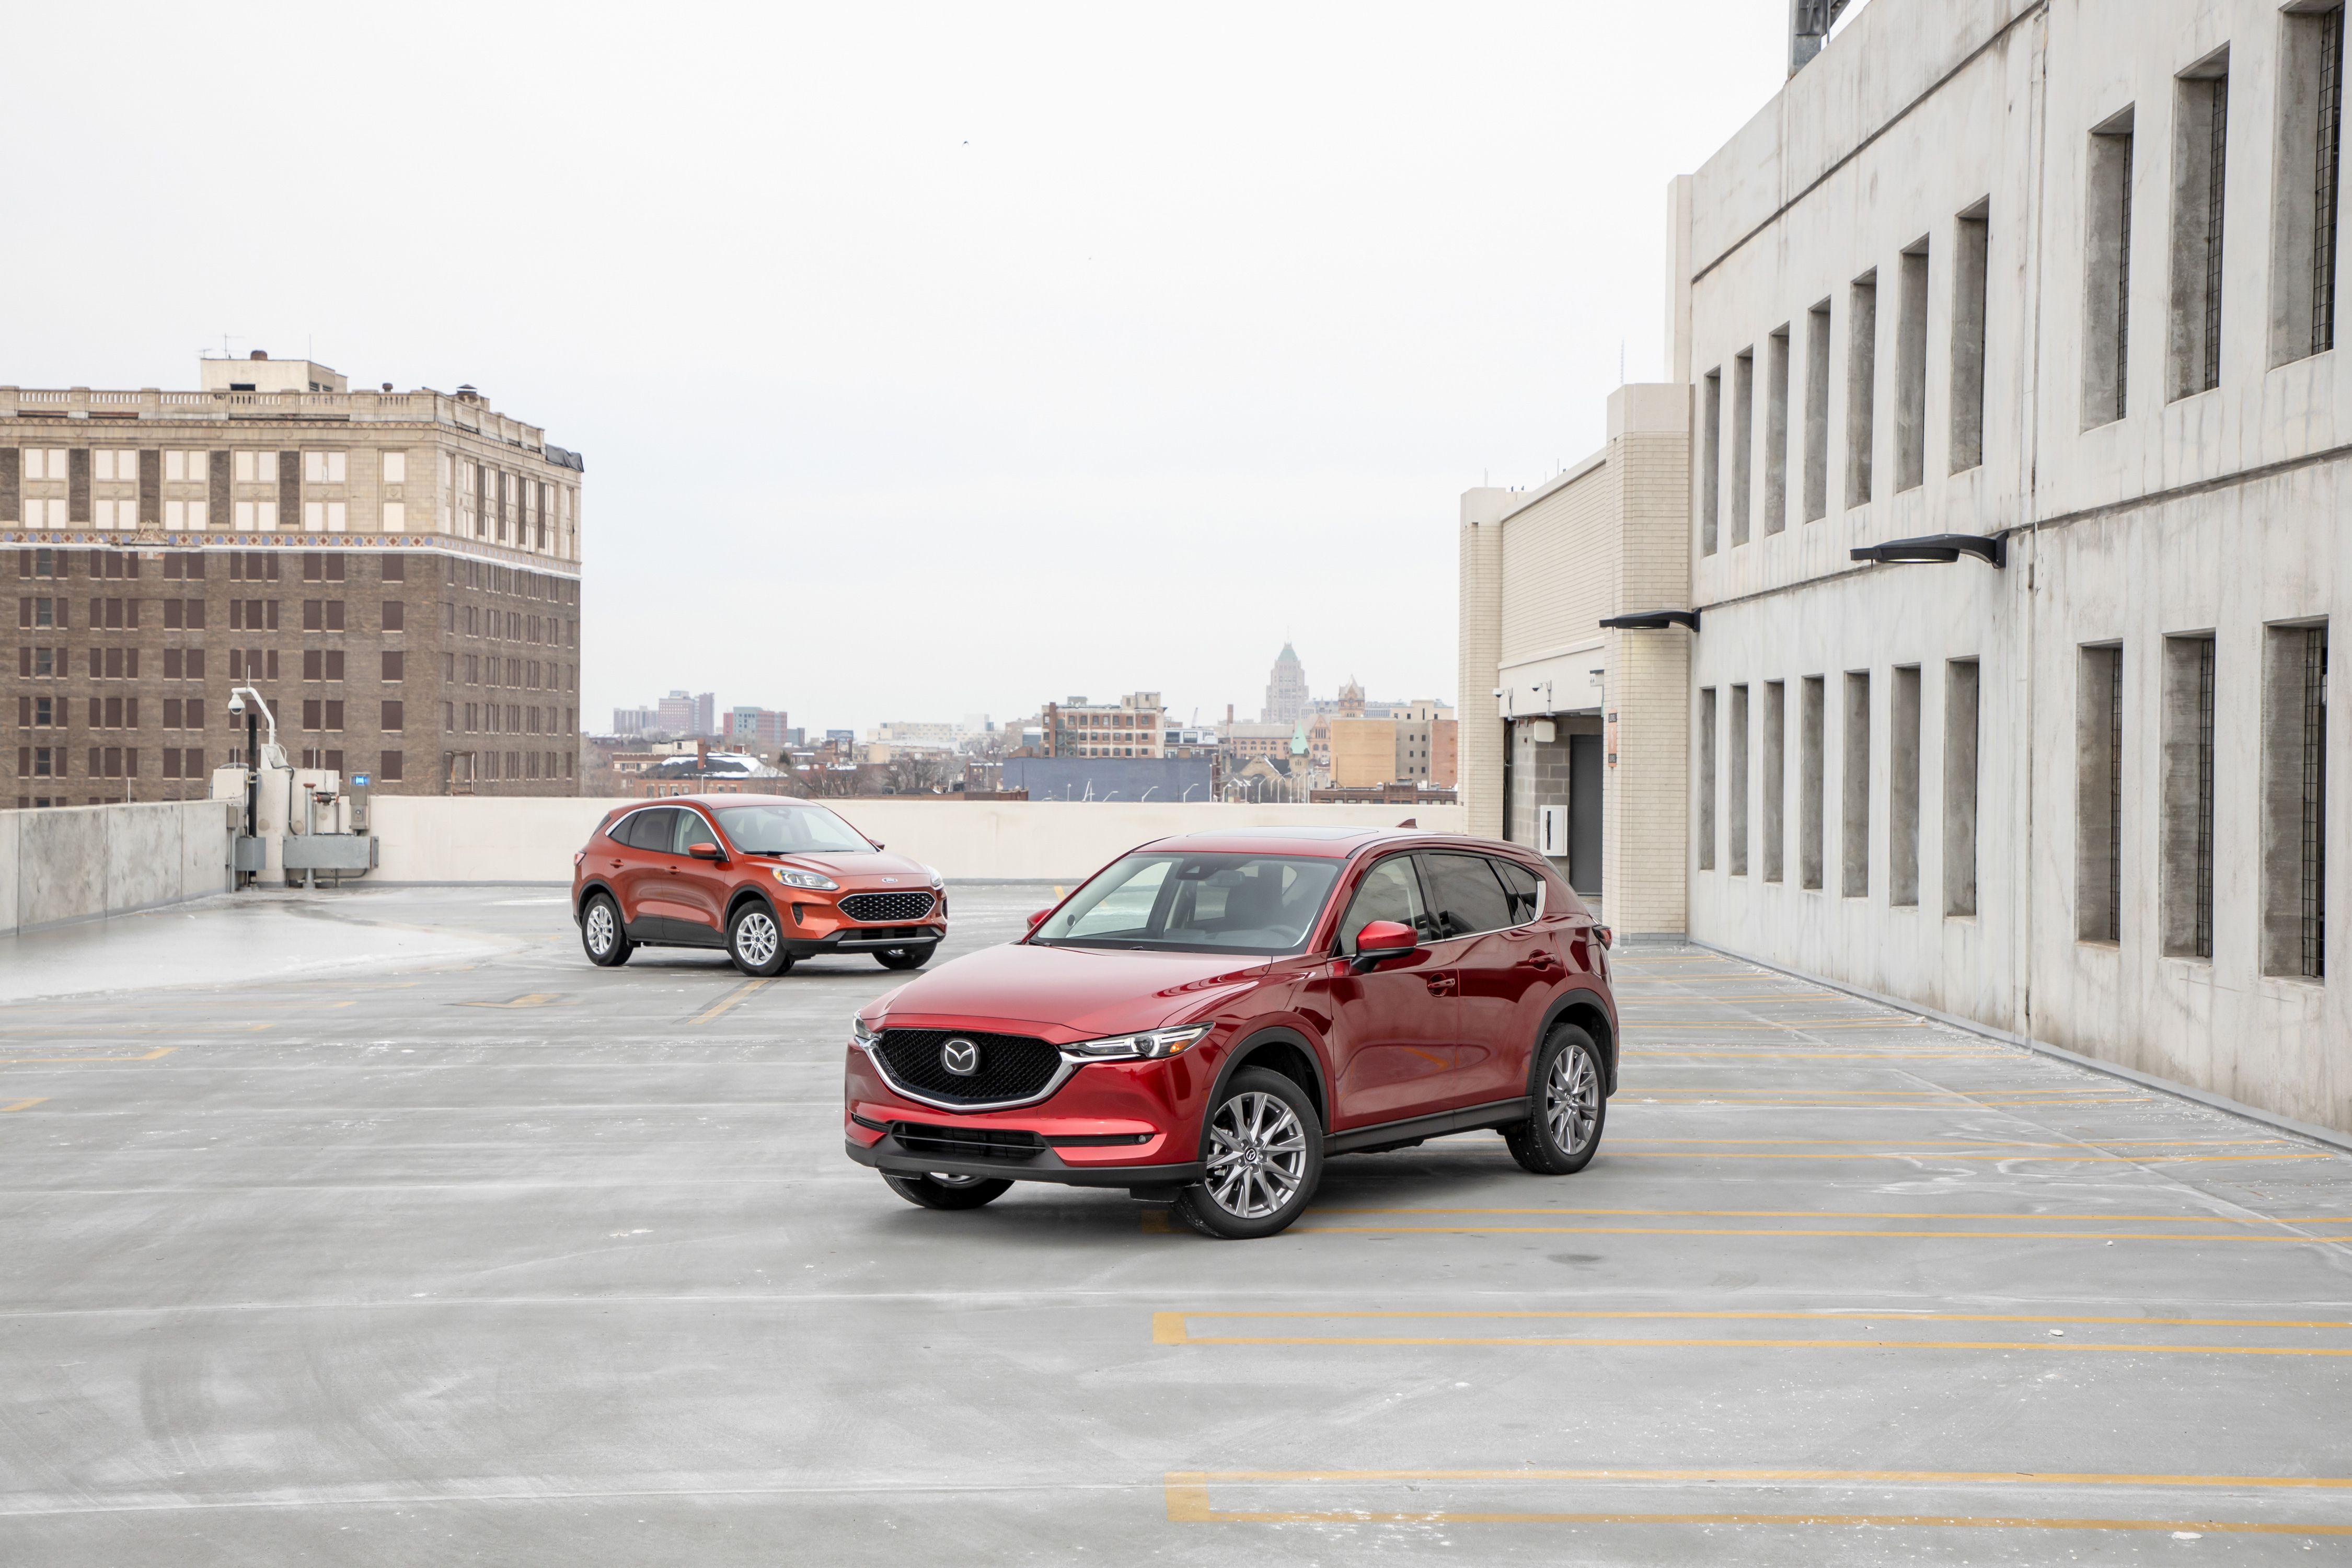 2020 Ford Escape vs. 2020 Mazda CX-5 – AWD Compact SUV Comparison